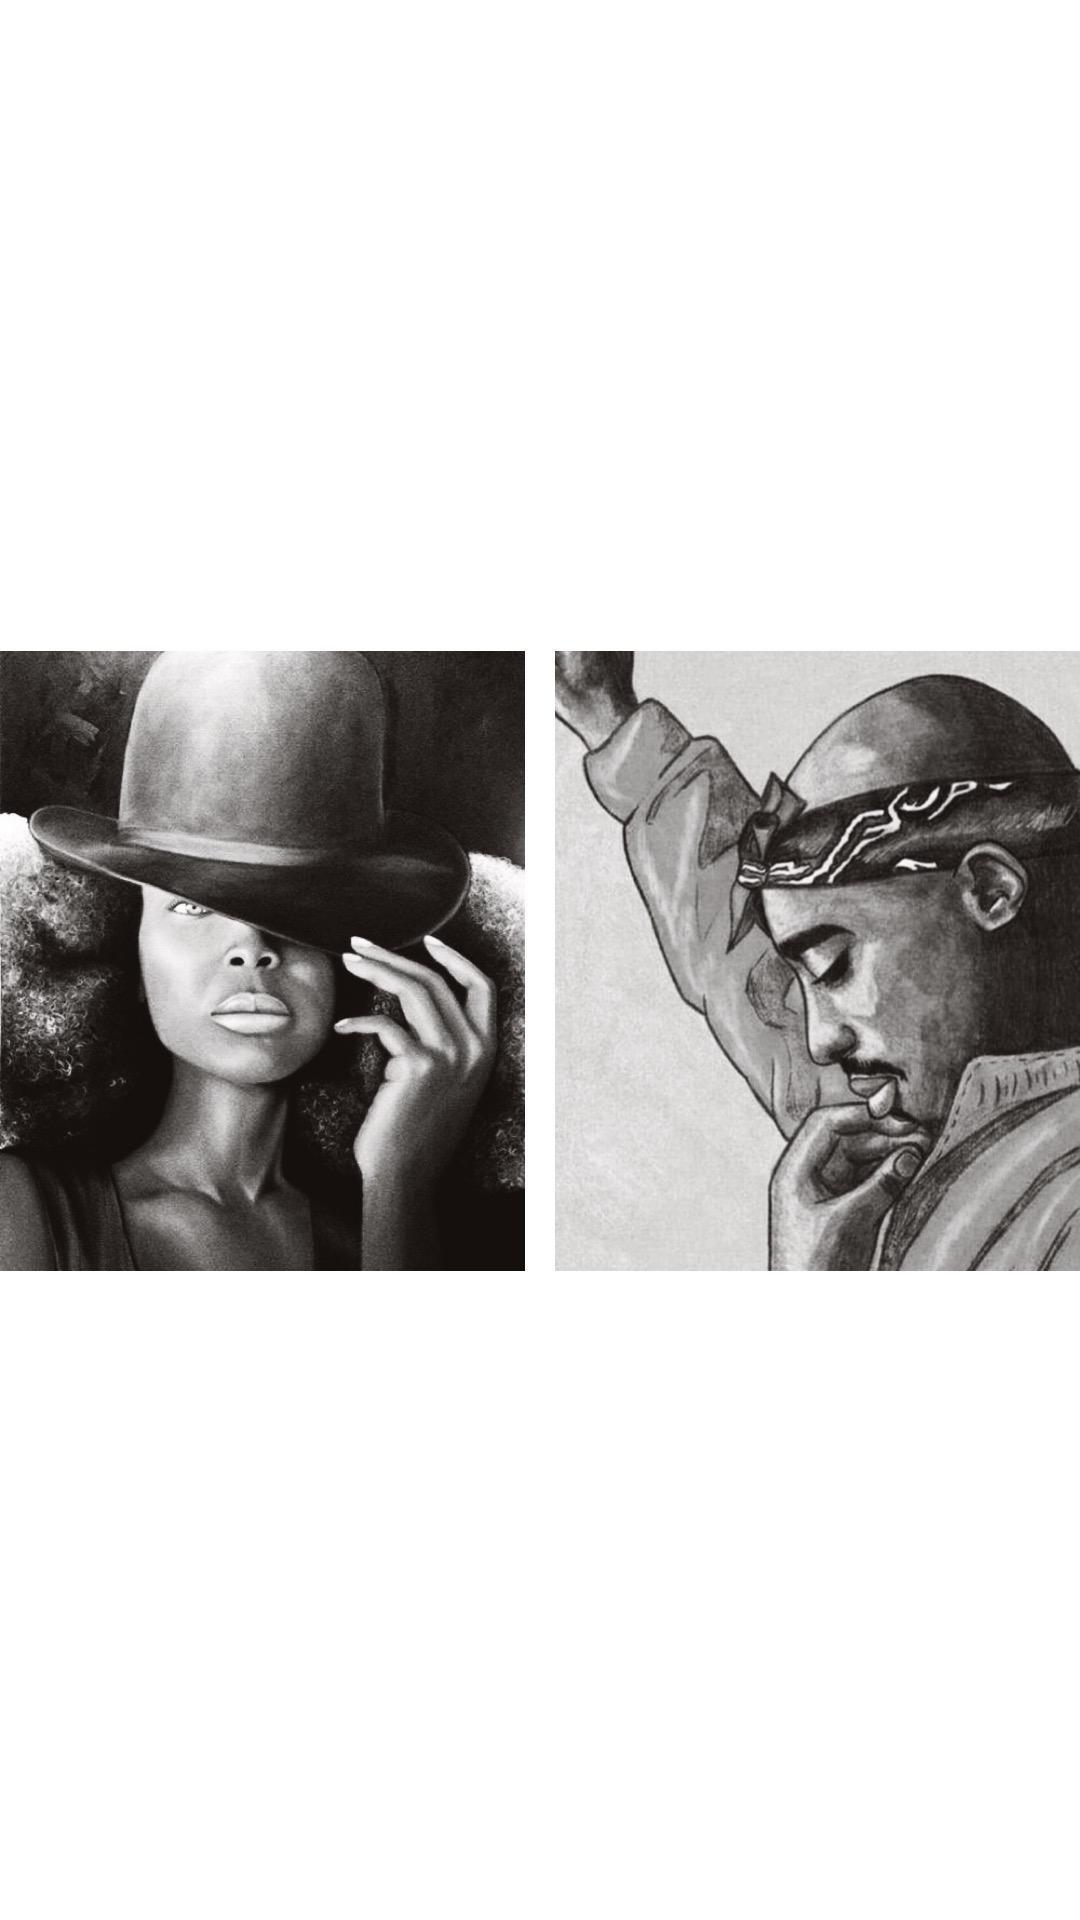 BFF Brunch Presents The Paint Party Versus Battle... Erykah Badu Vs. Tupac